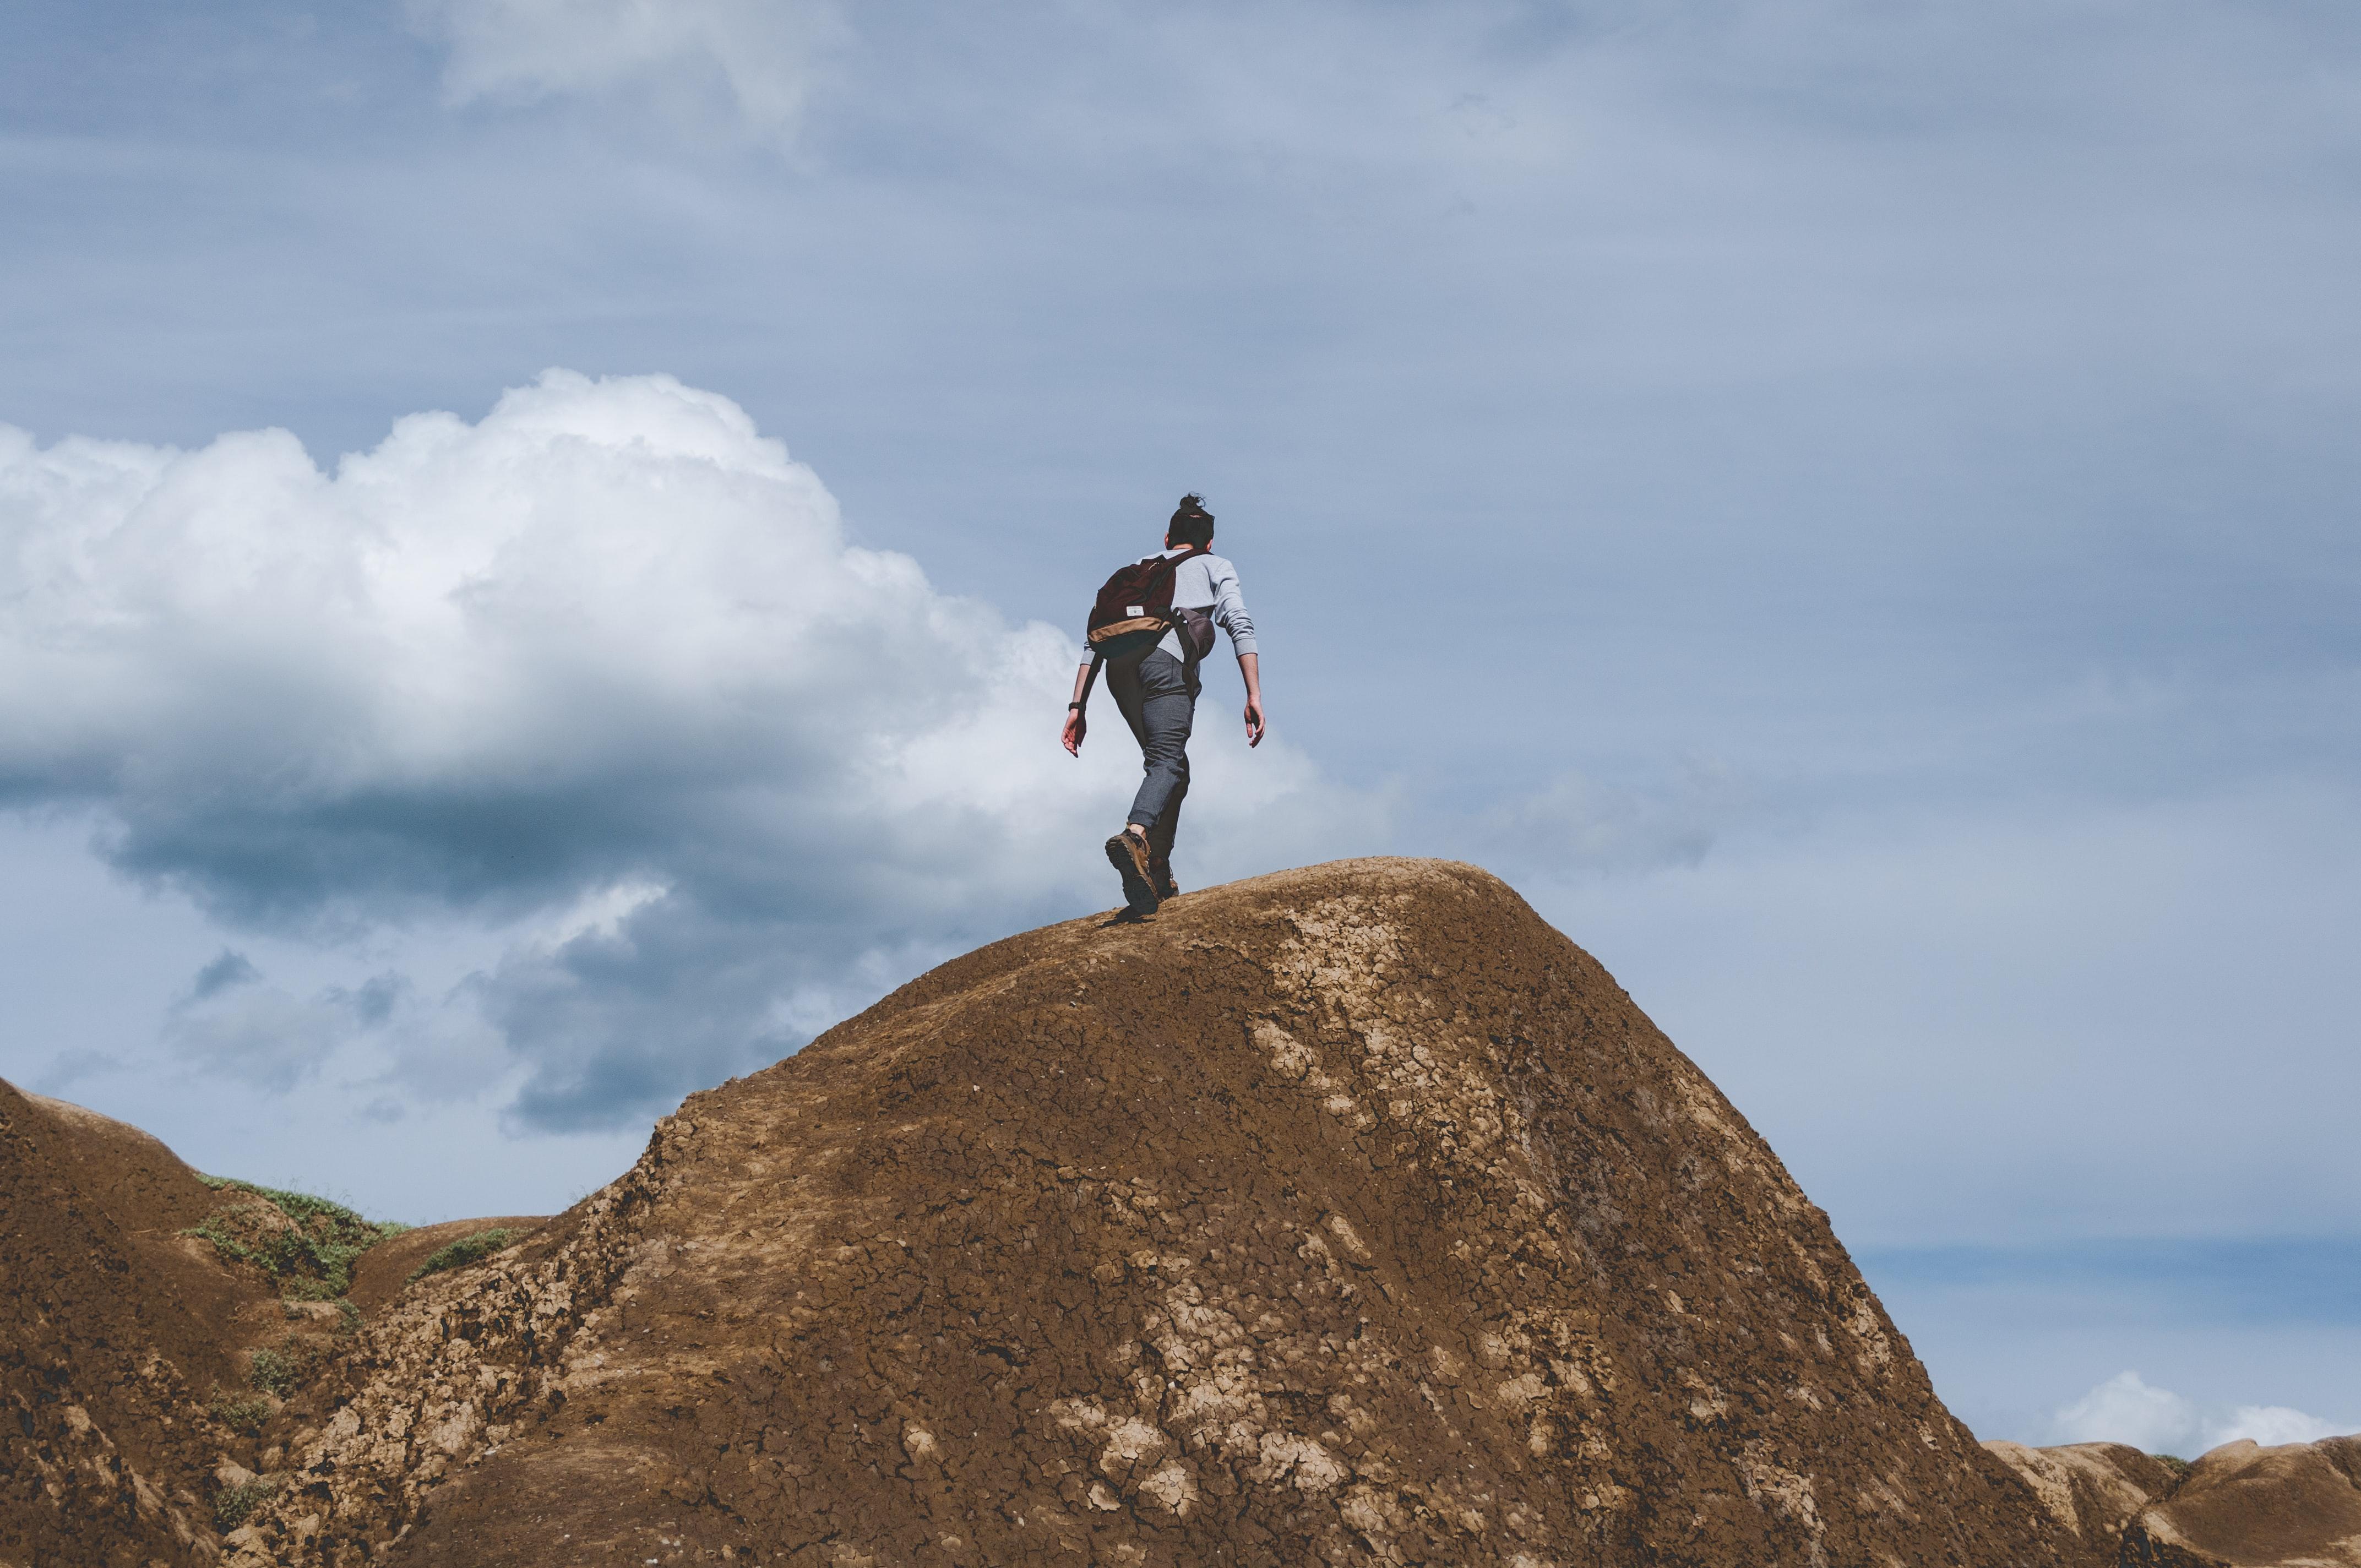 girl summiting mountain